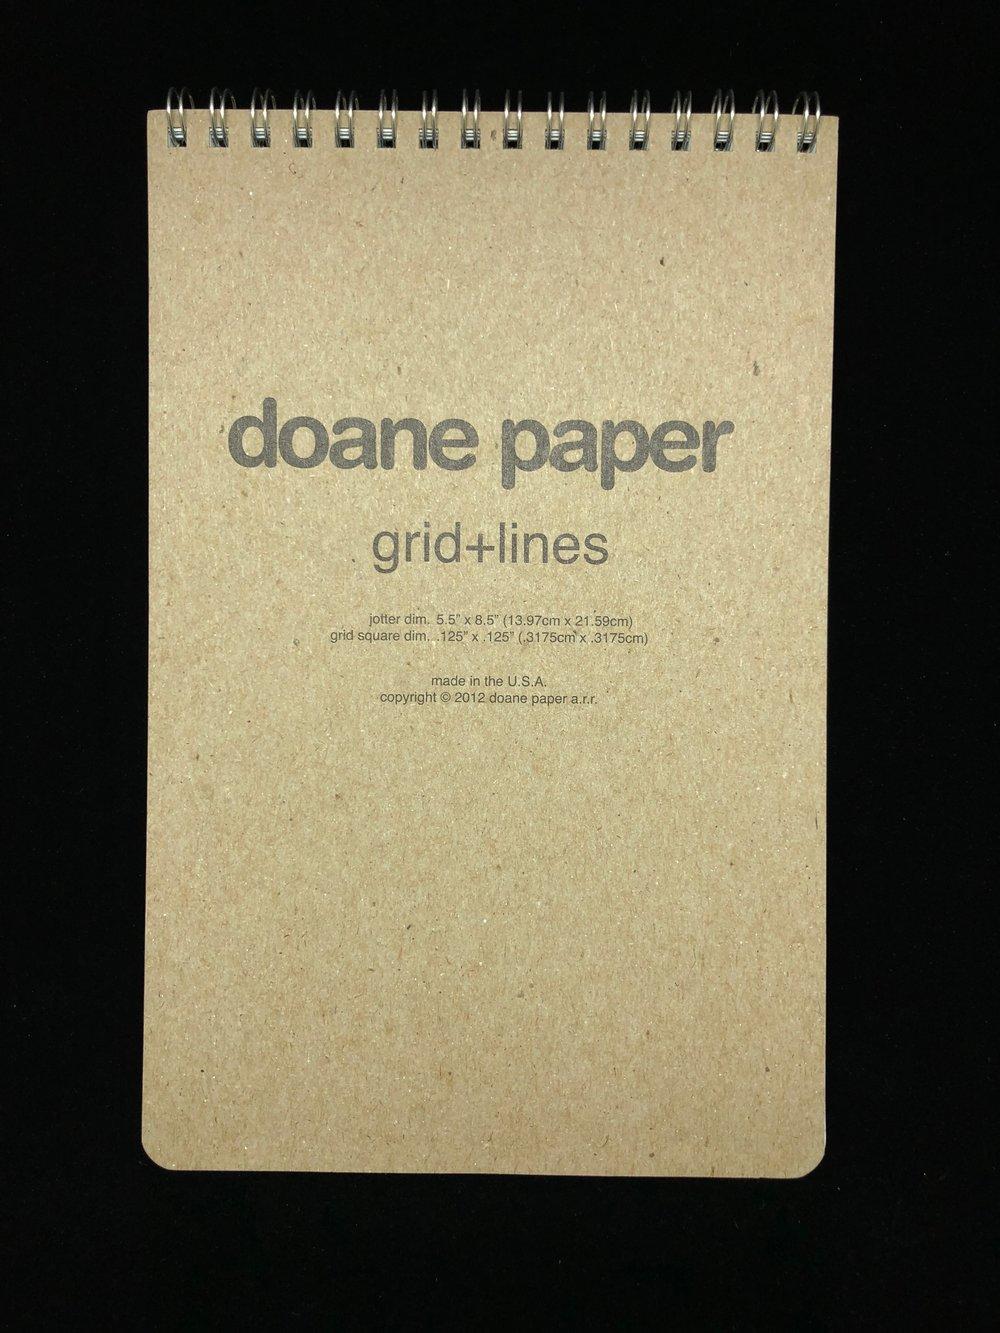 doane-paper-jotter-1.jpg